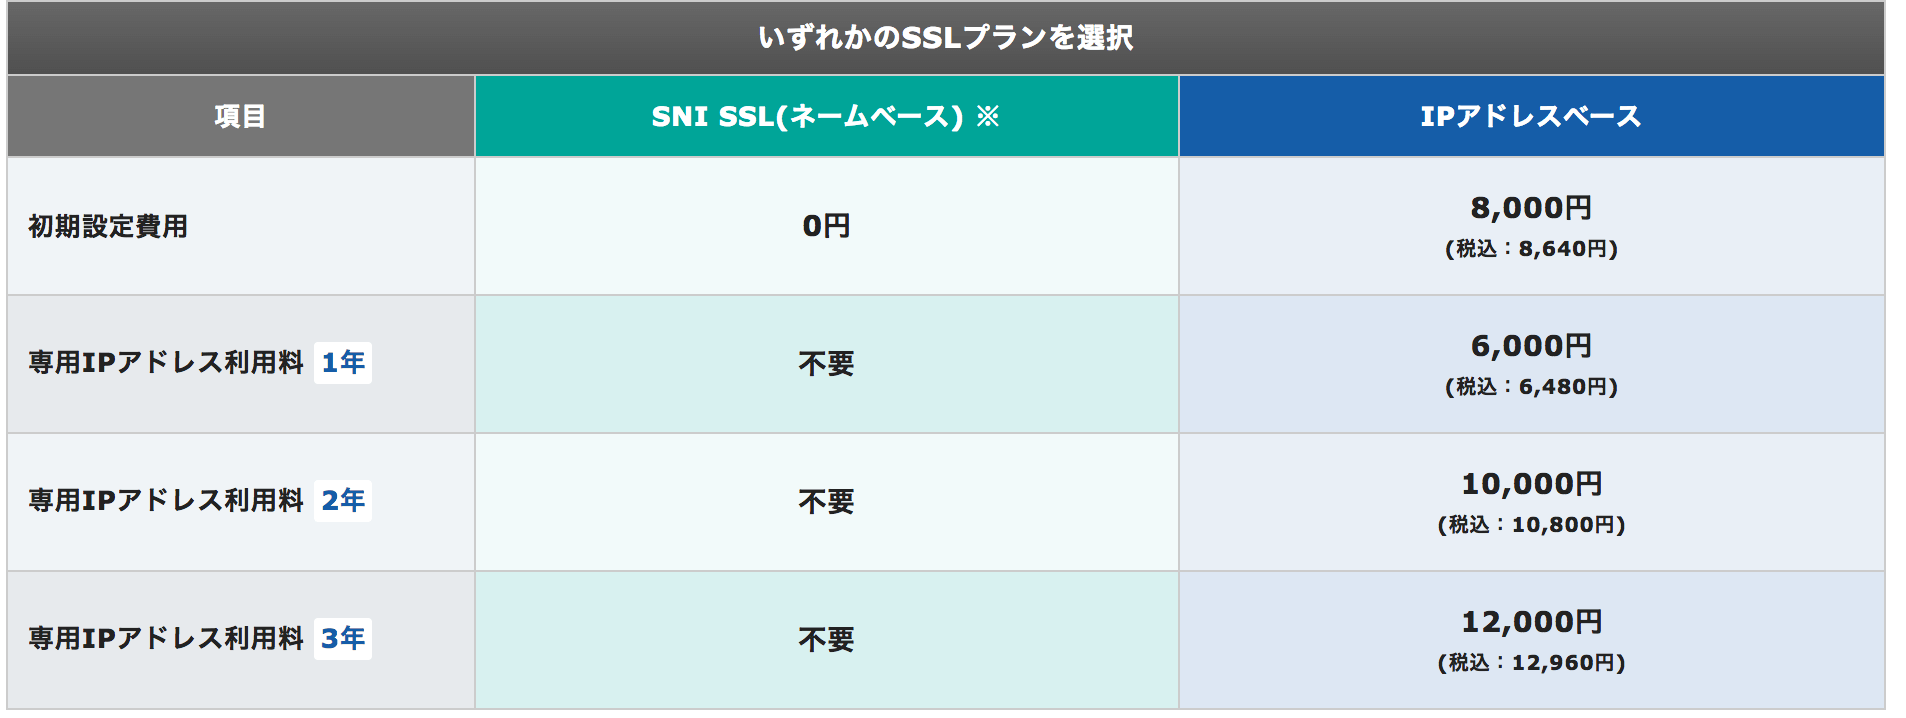 SSLプラン エックスサーバー